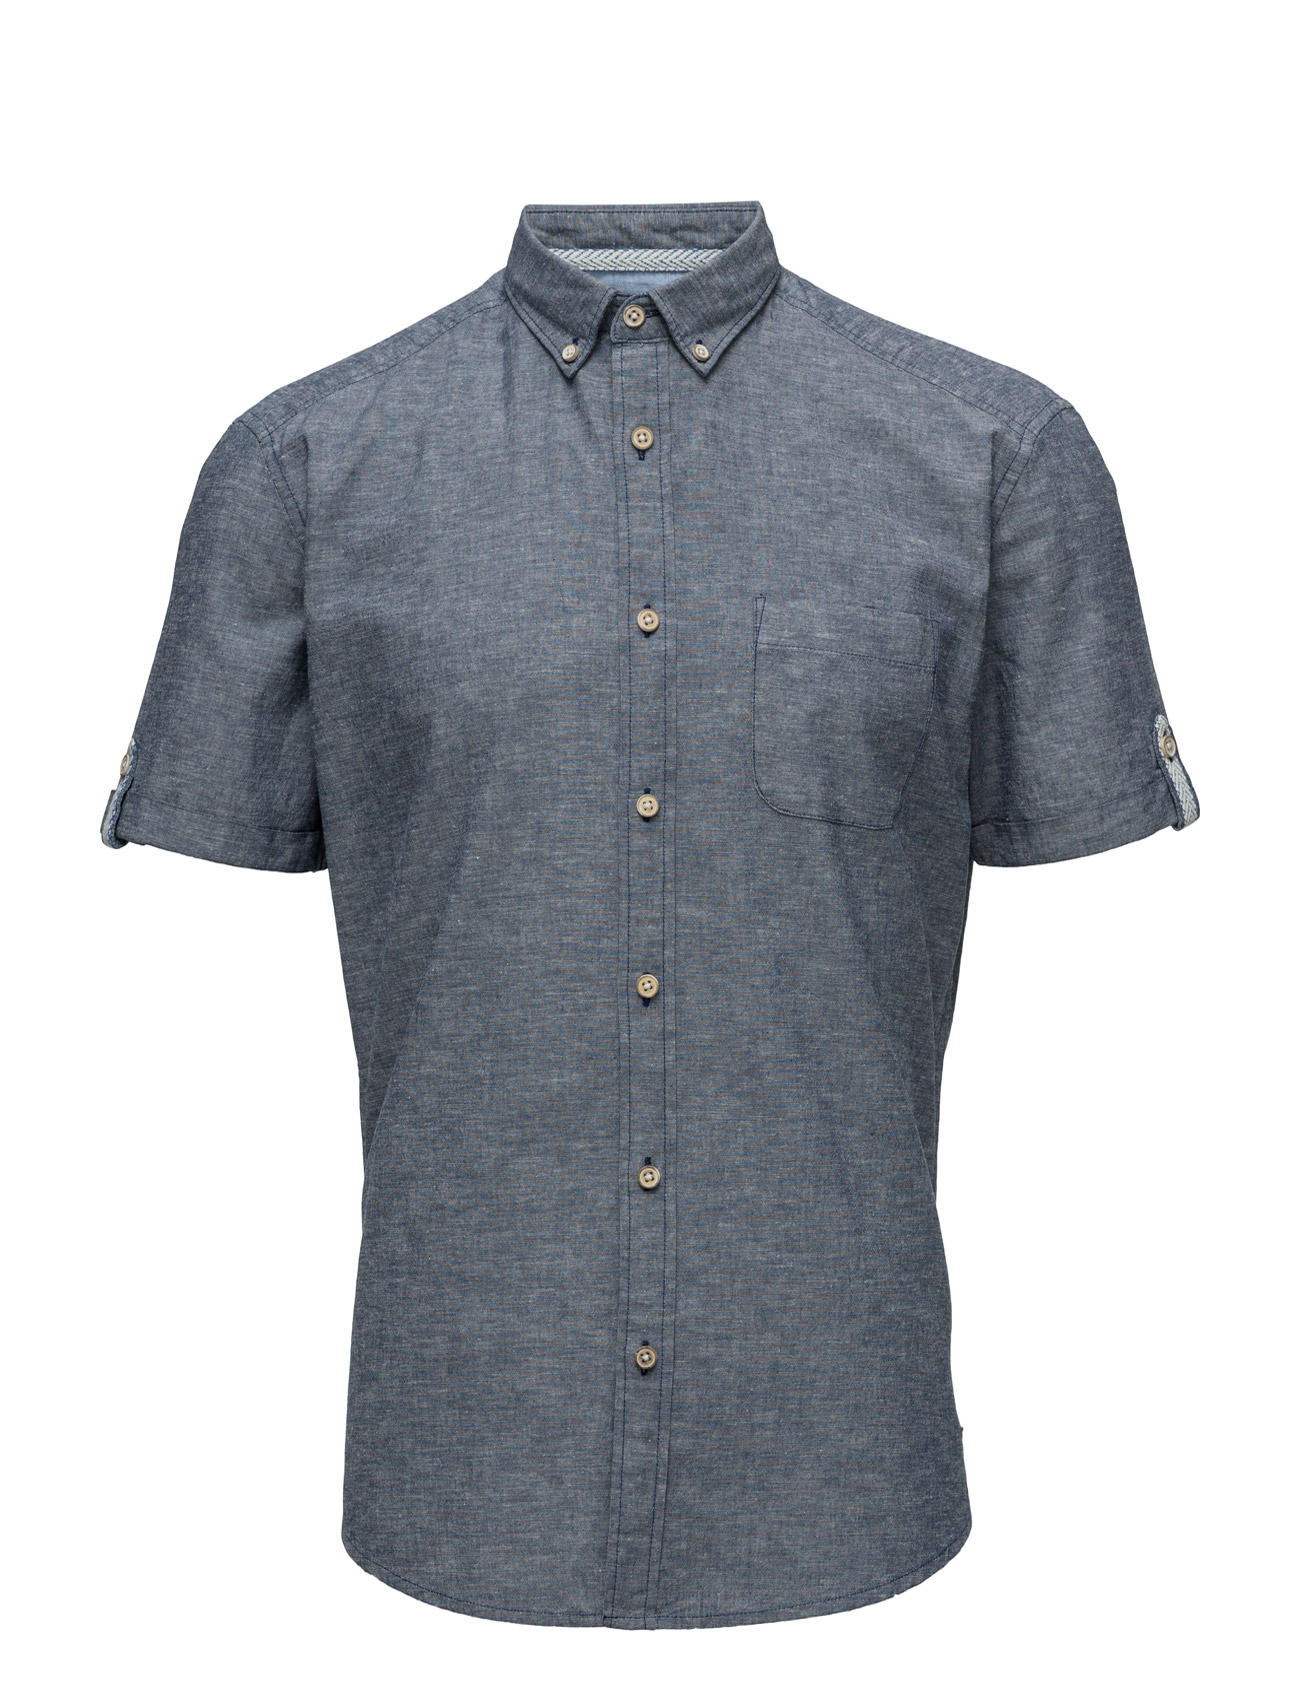 Shirts Woven Esprit Casual Kortærmede til Herrer i Navy blå